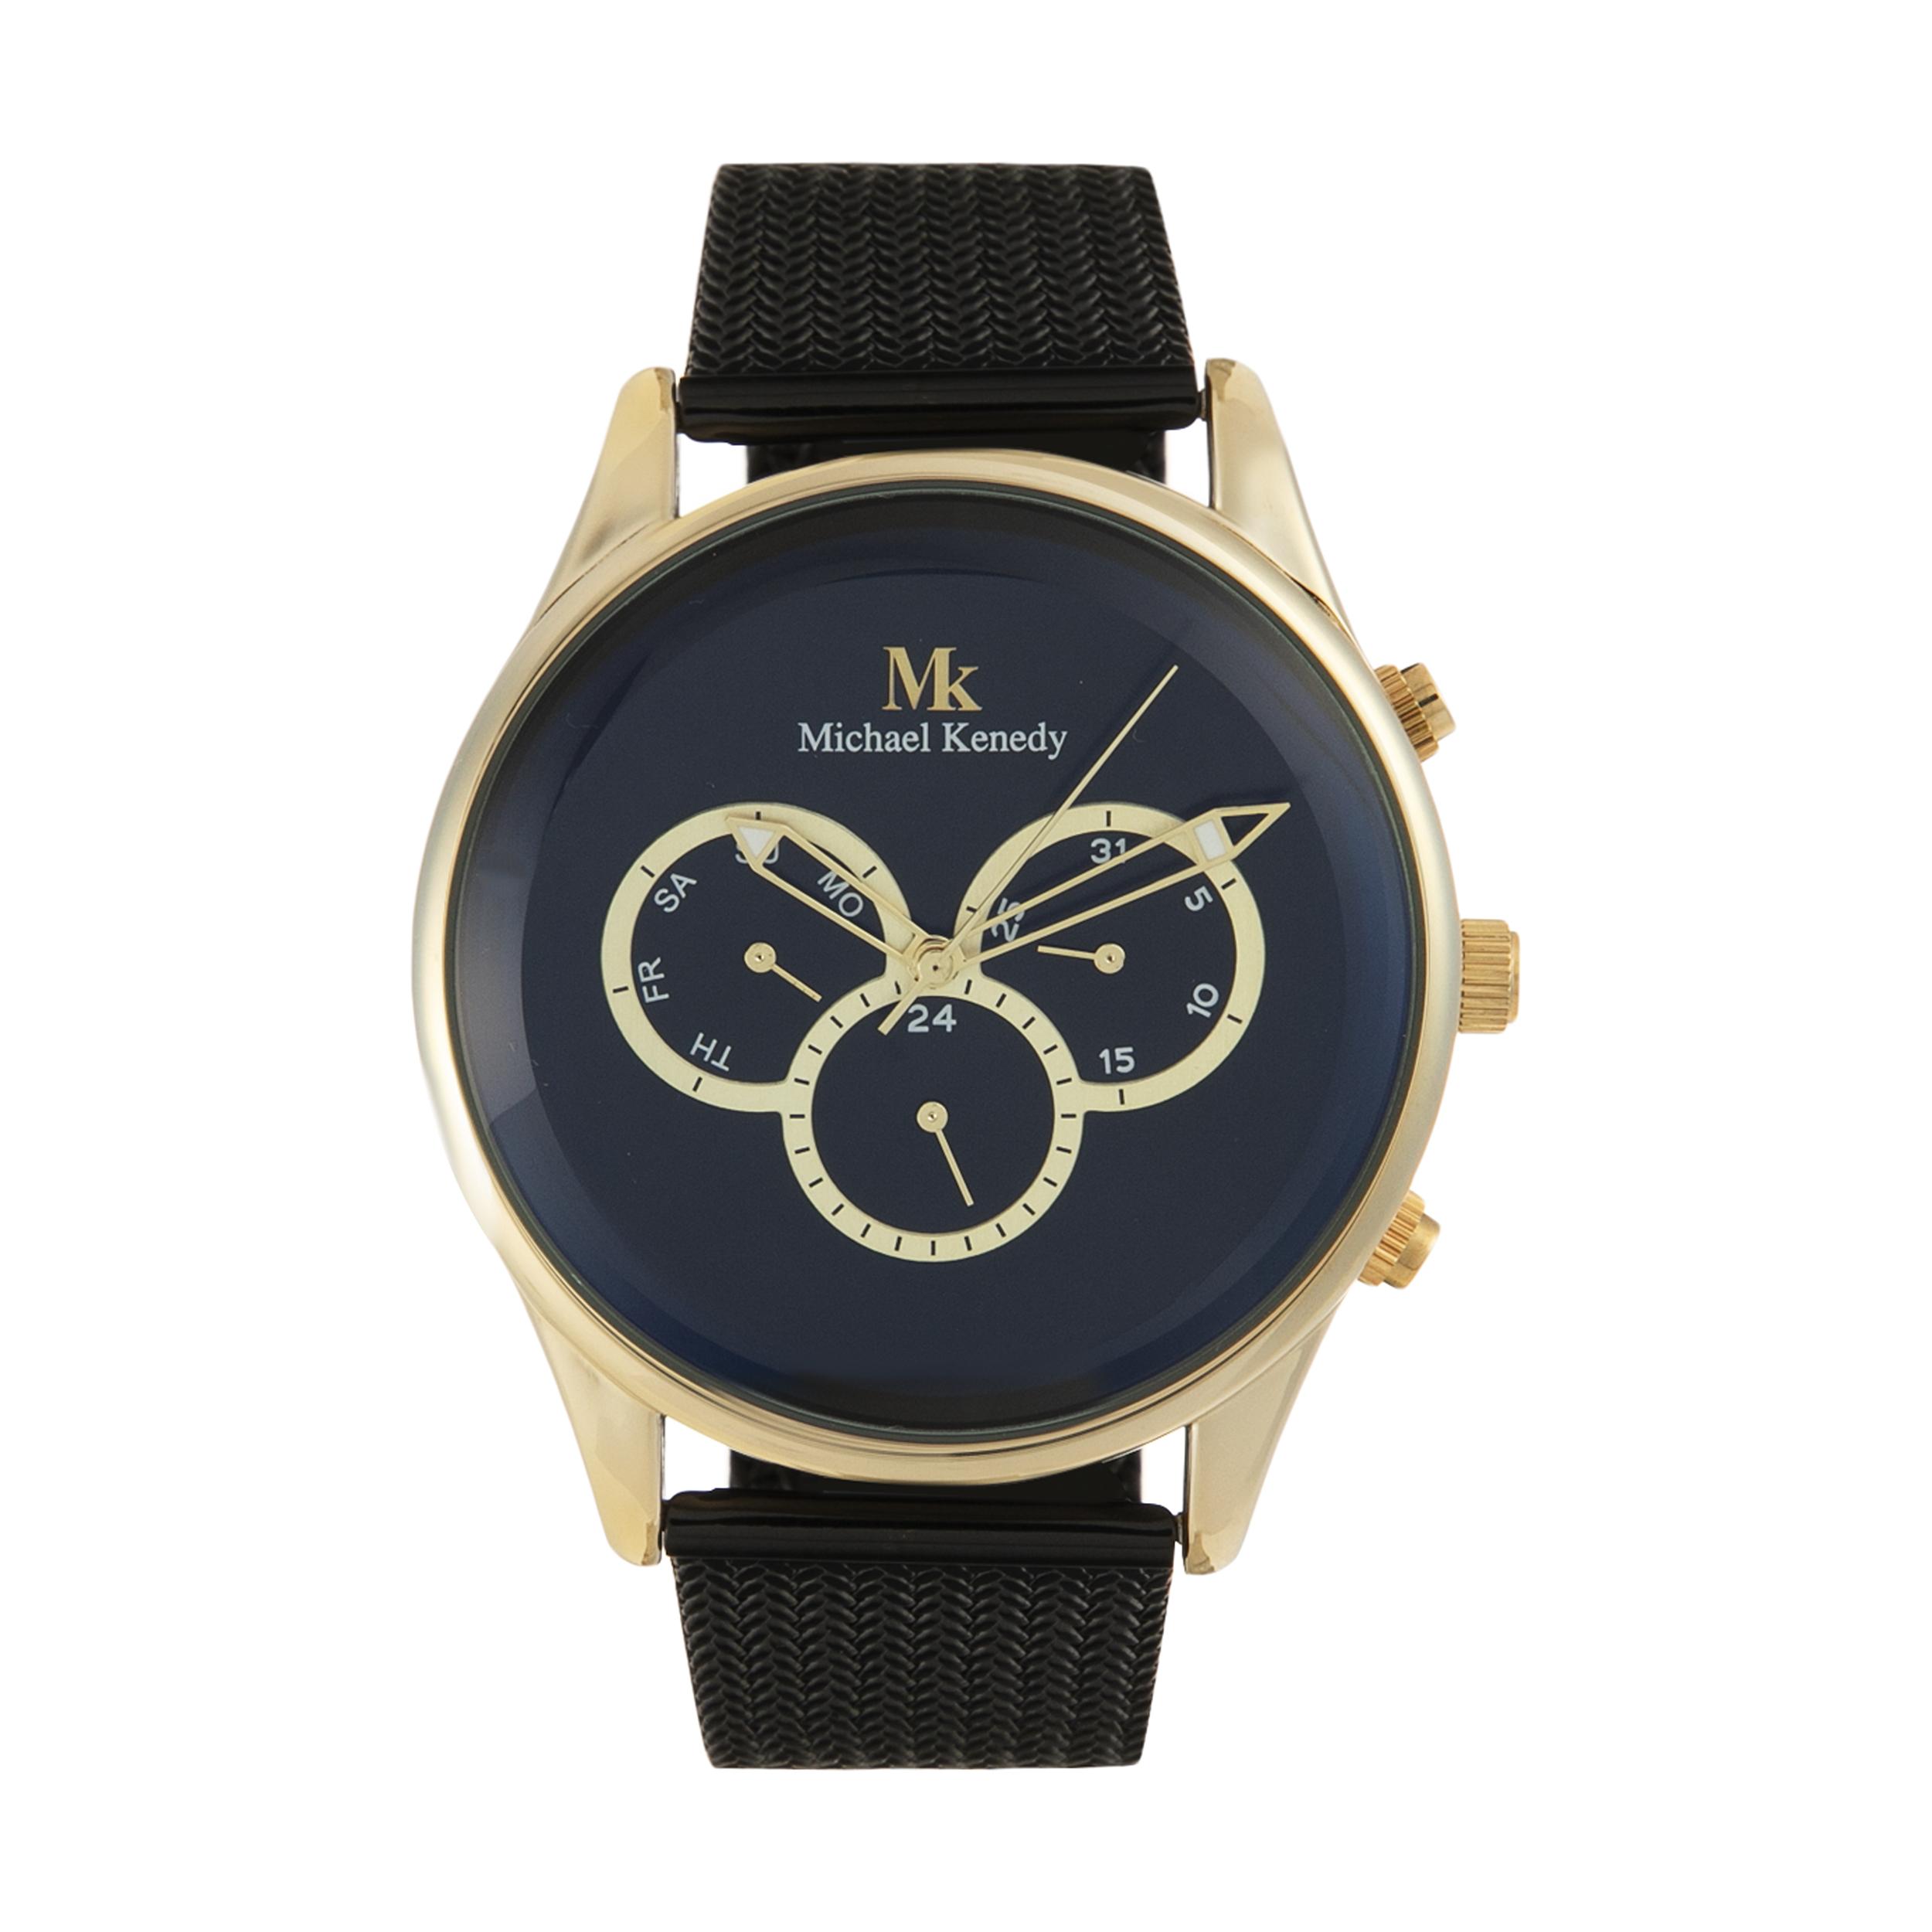 ساعت مچی عقربه ای مایکل کندی مدل MK 0477BK